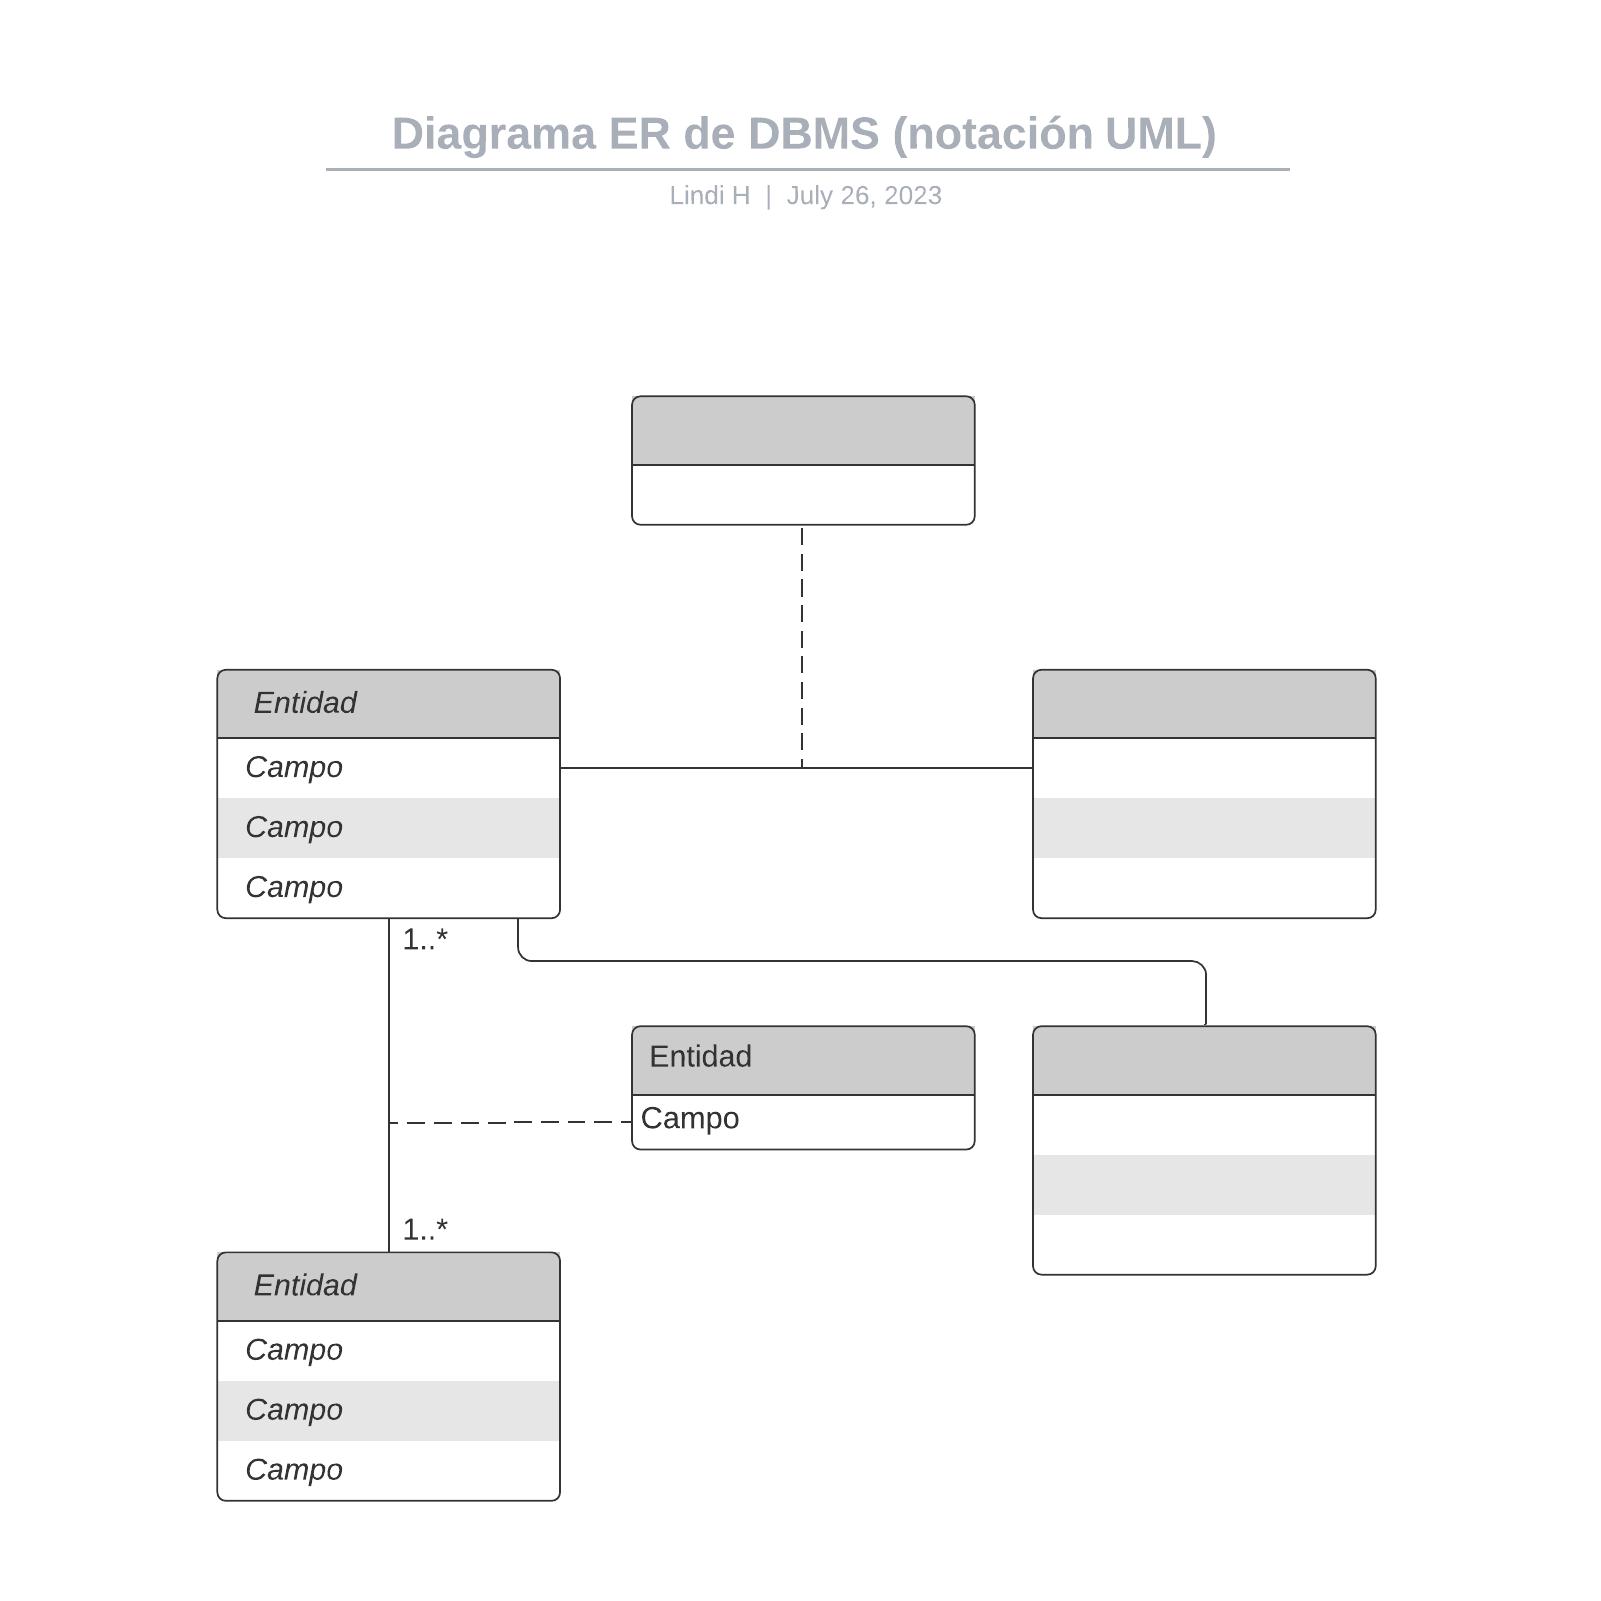 Diagrama ER de DBMS (notación UML)